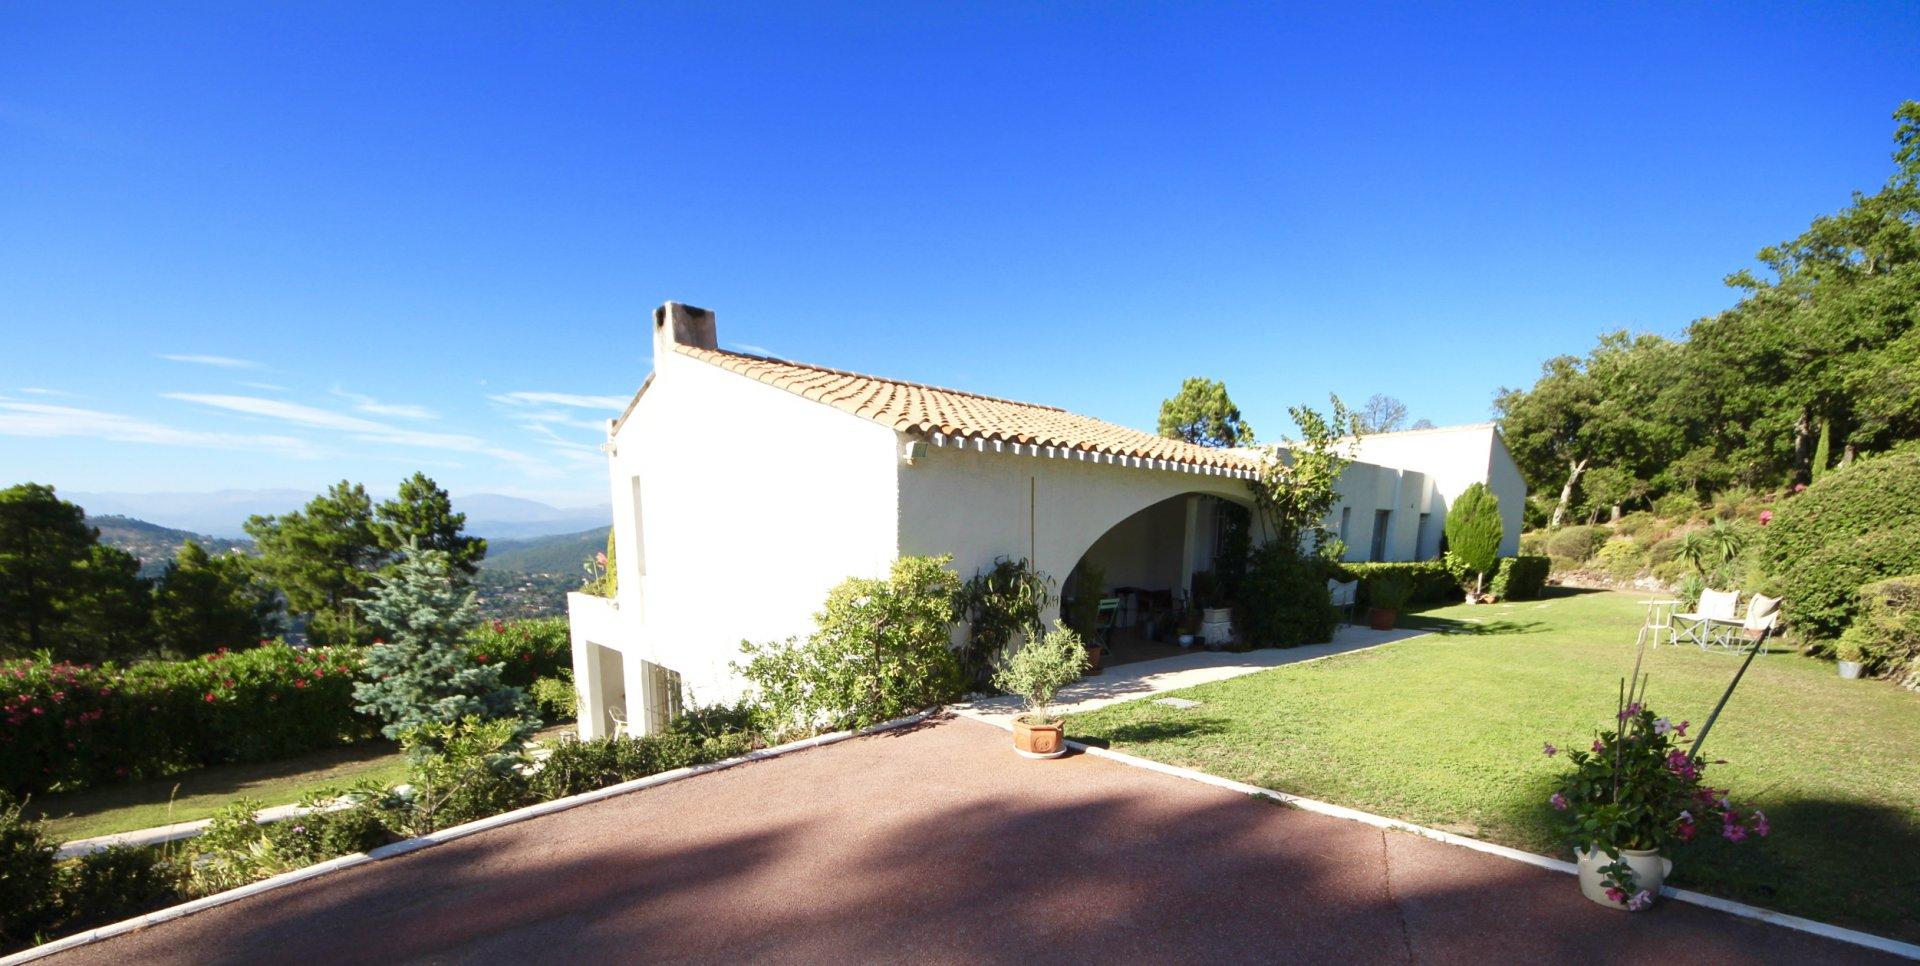 Fréjus - Les Adrets : Belle villa d'architecte 250m2 vue imprenable